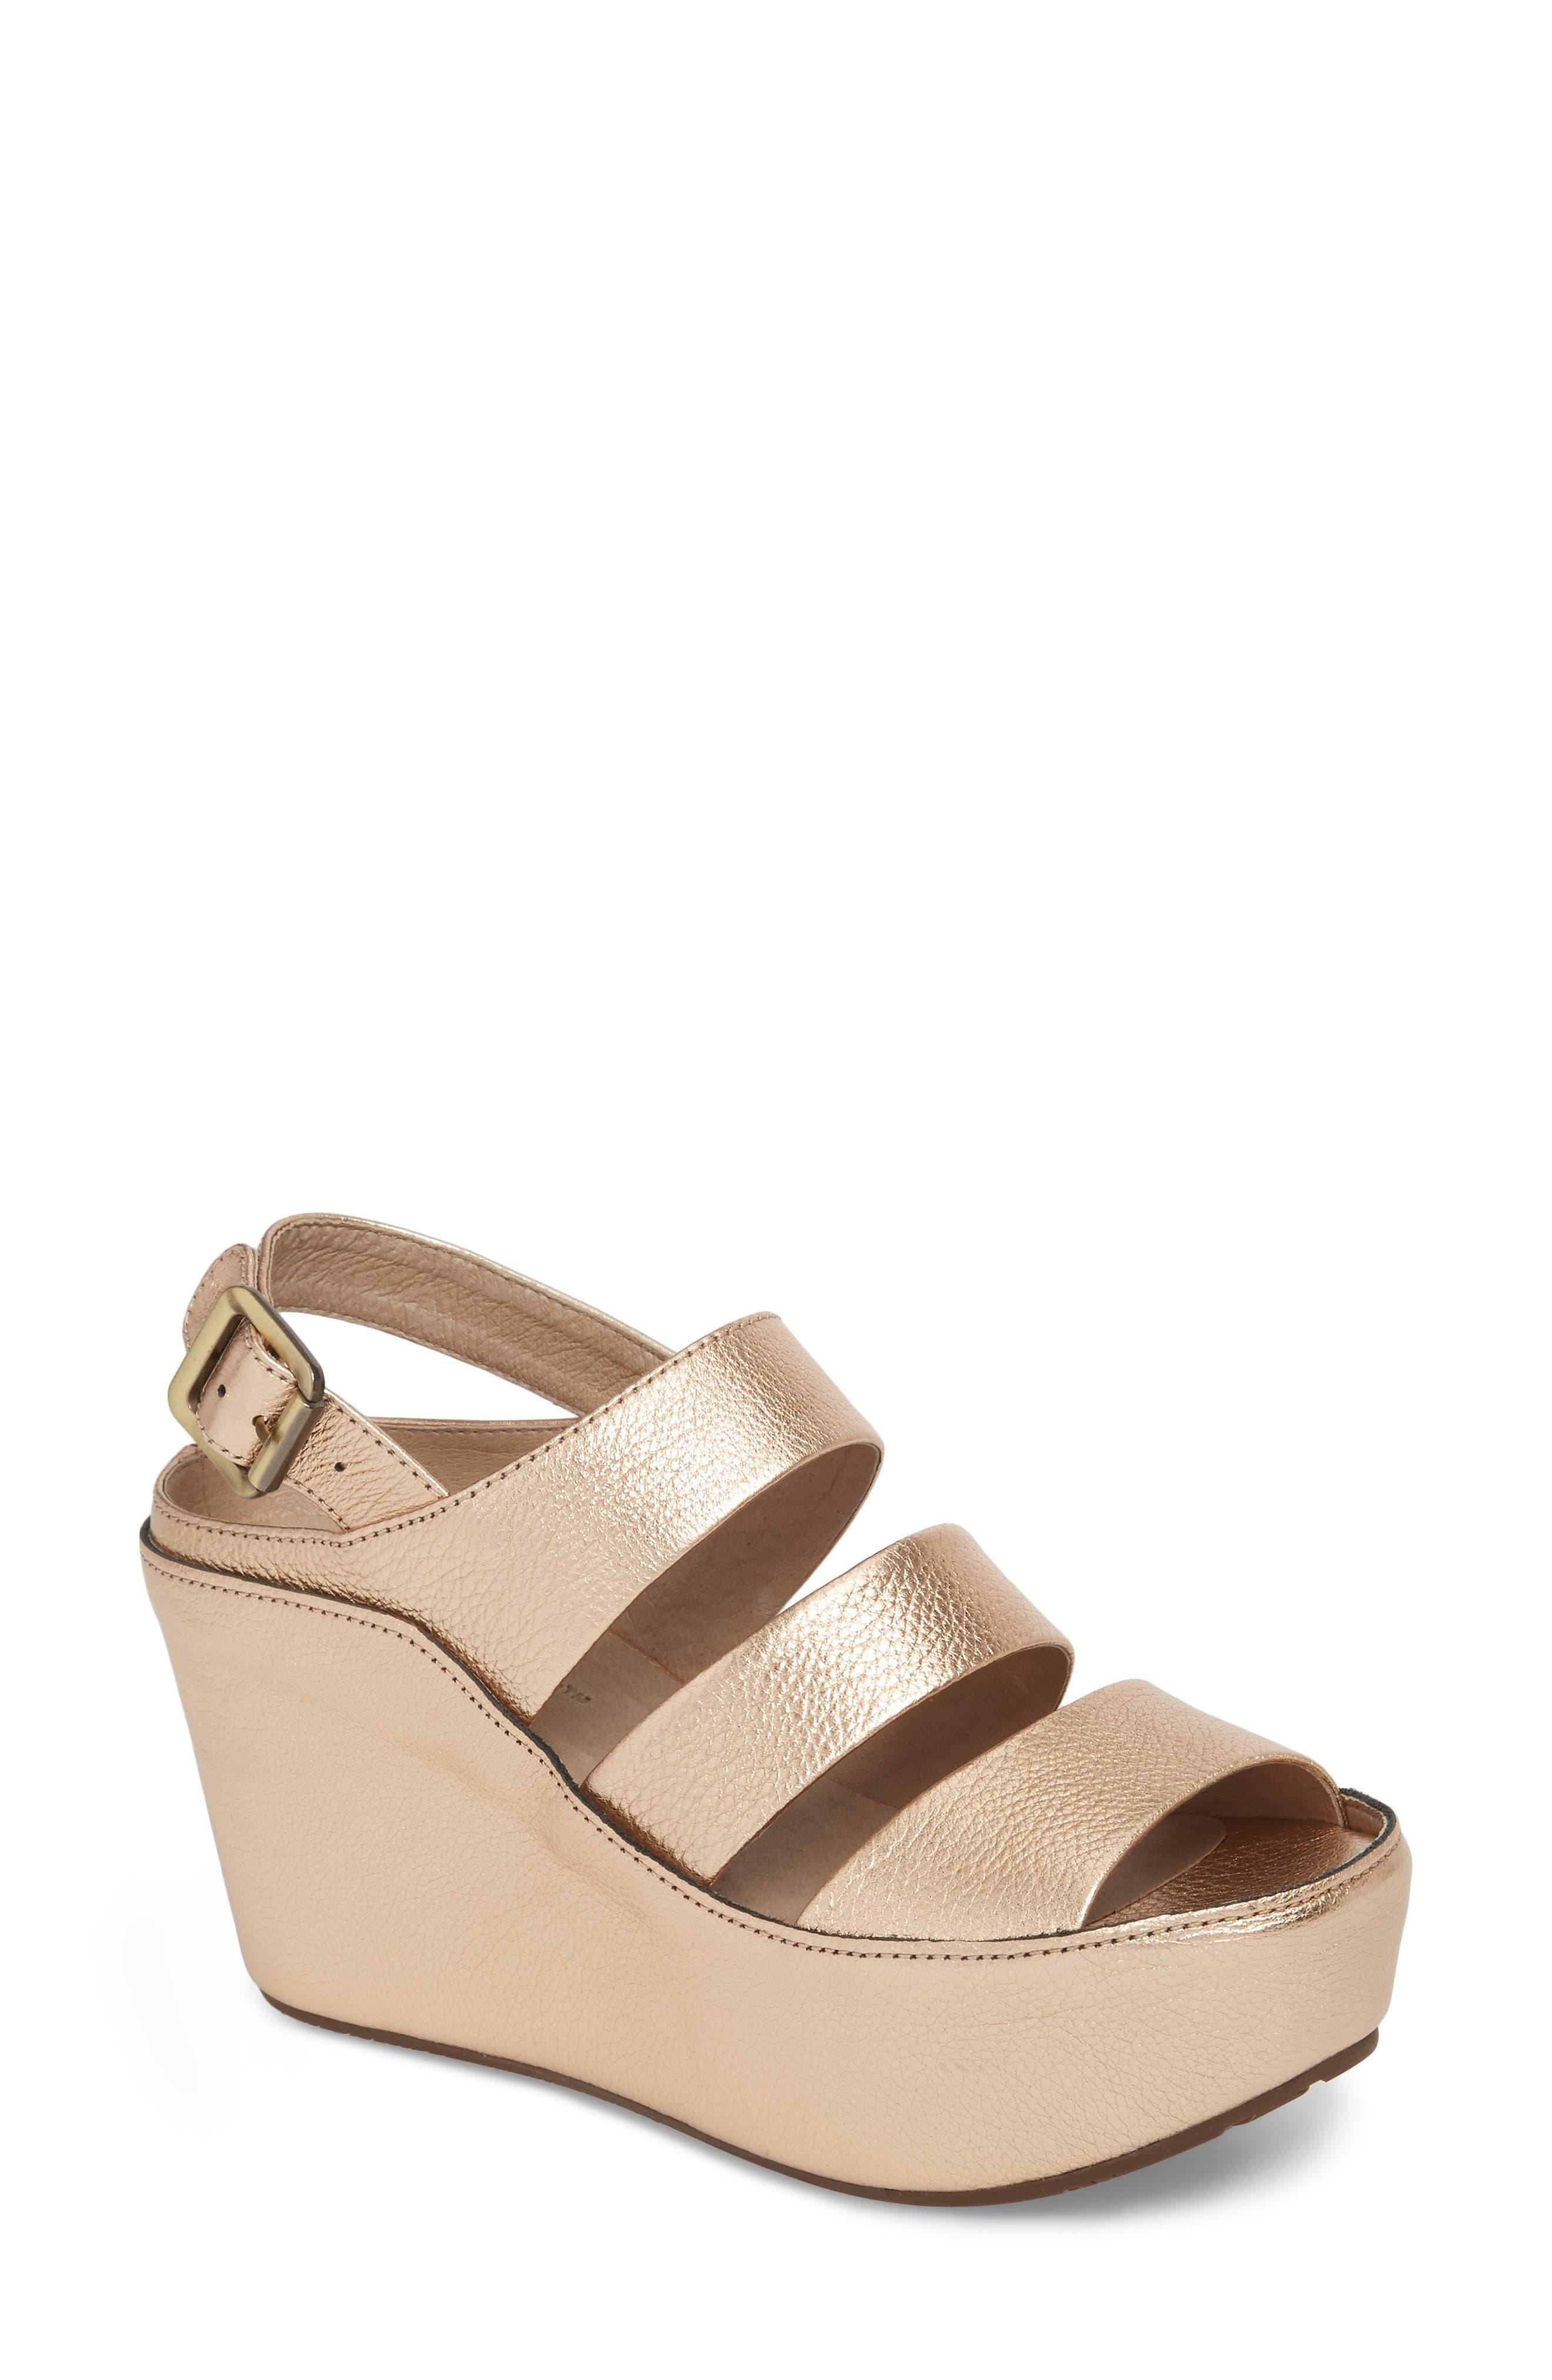 Windsor Platform Wedge Sandal,                         Main,                         color, Rose Gold Leather